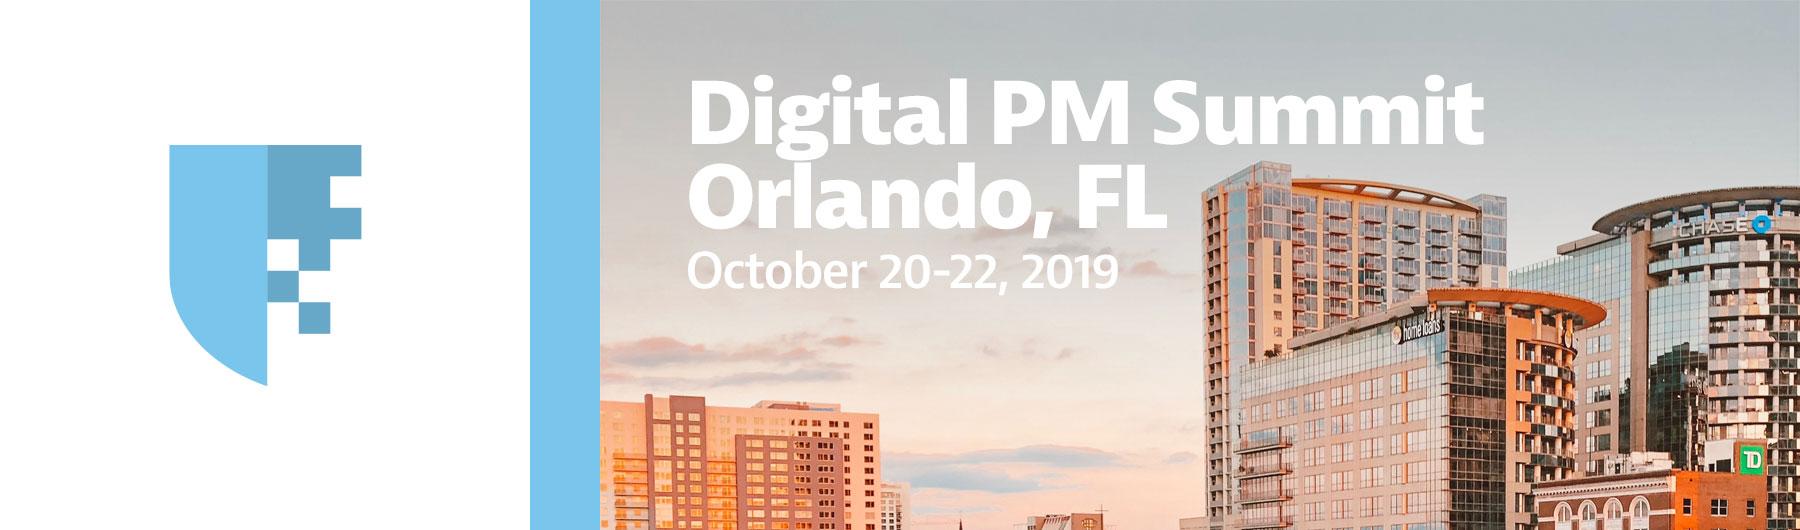 digital-pm-summit.jpg